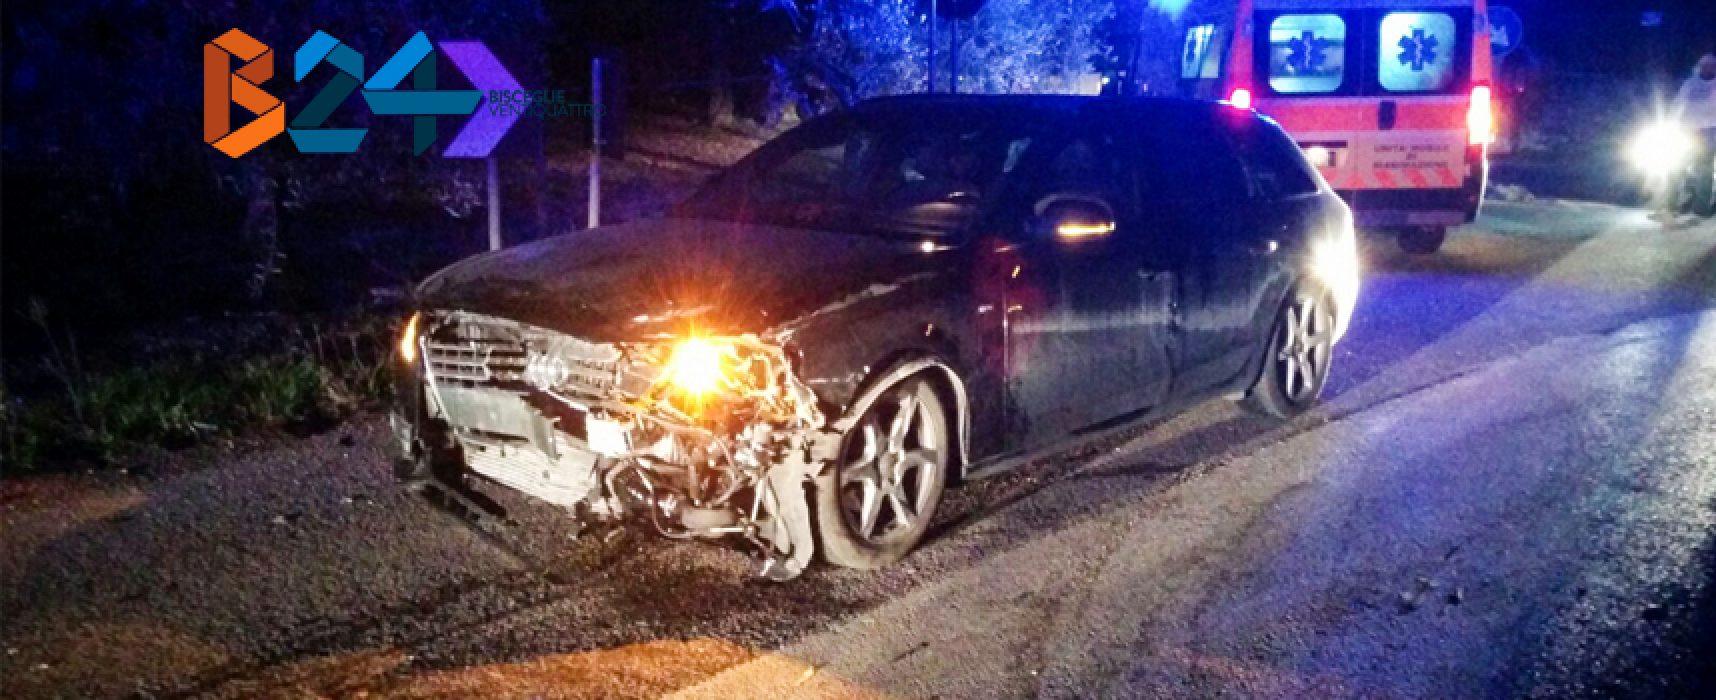 Incidente su via vecchia Ruvo, 4 feriti al pronto soccorso / FOTO